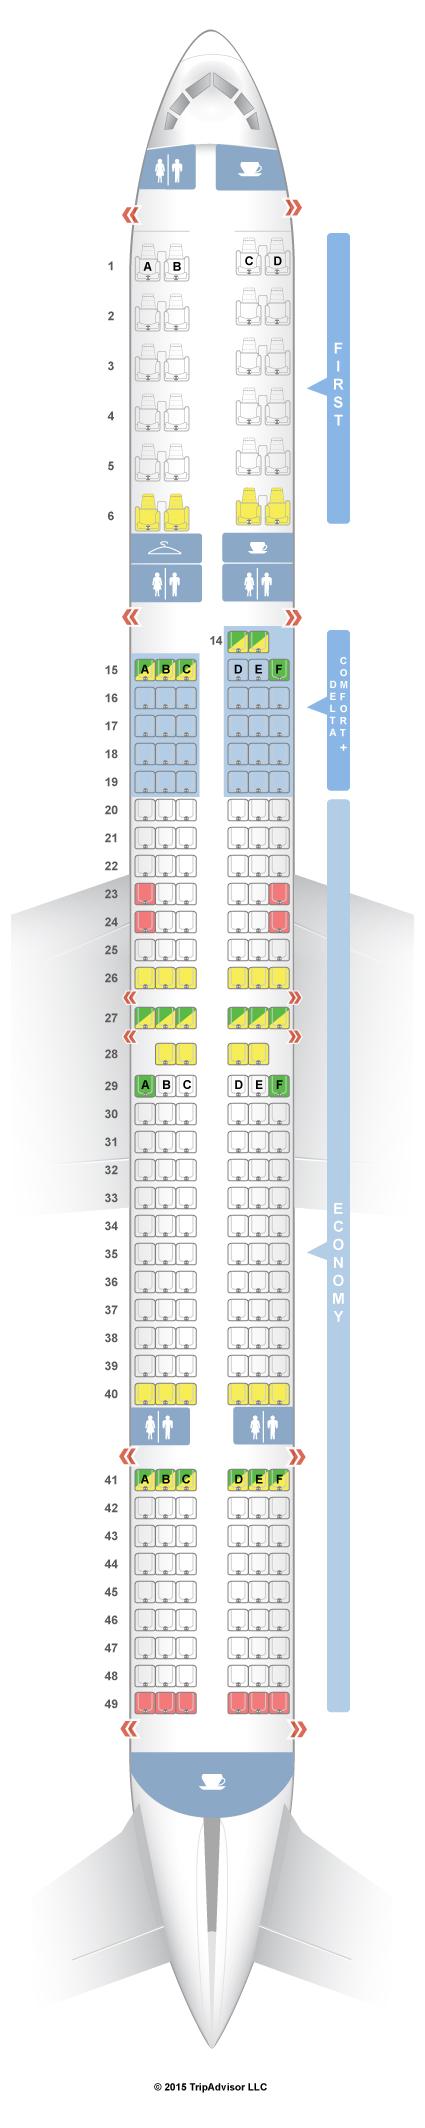 Seatguru seat map delta boeing 757 300 75y